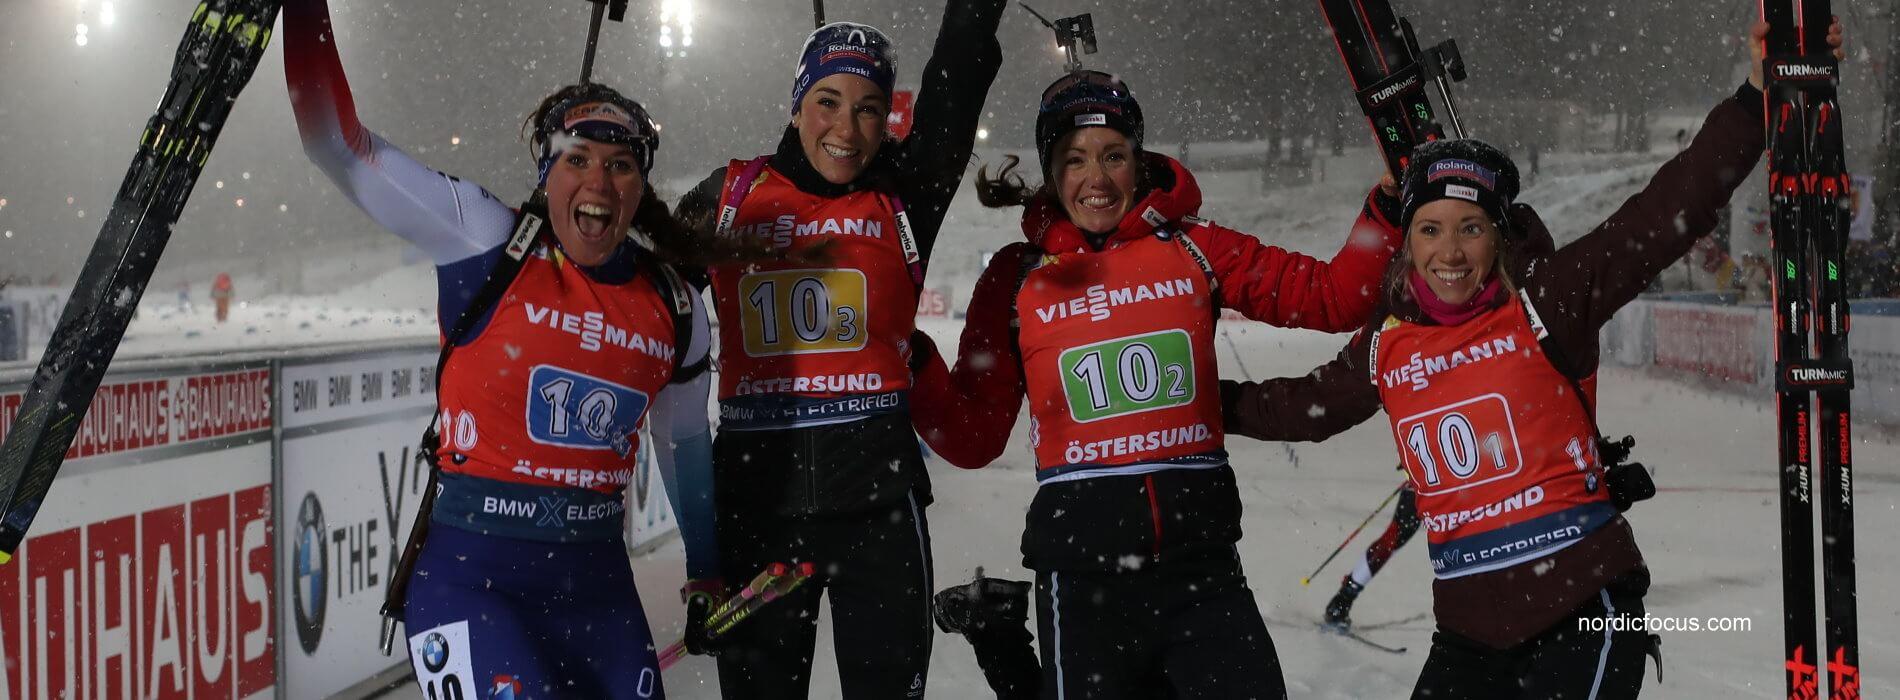 2. Platz Staffel Schweiz in Östersund